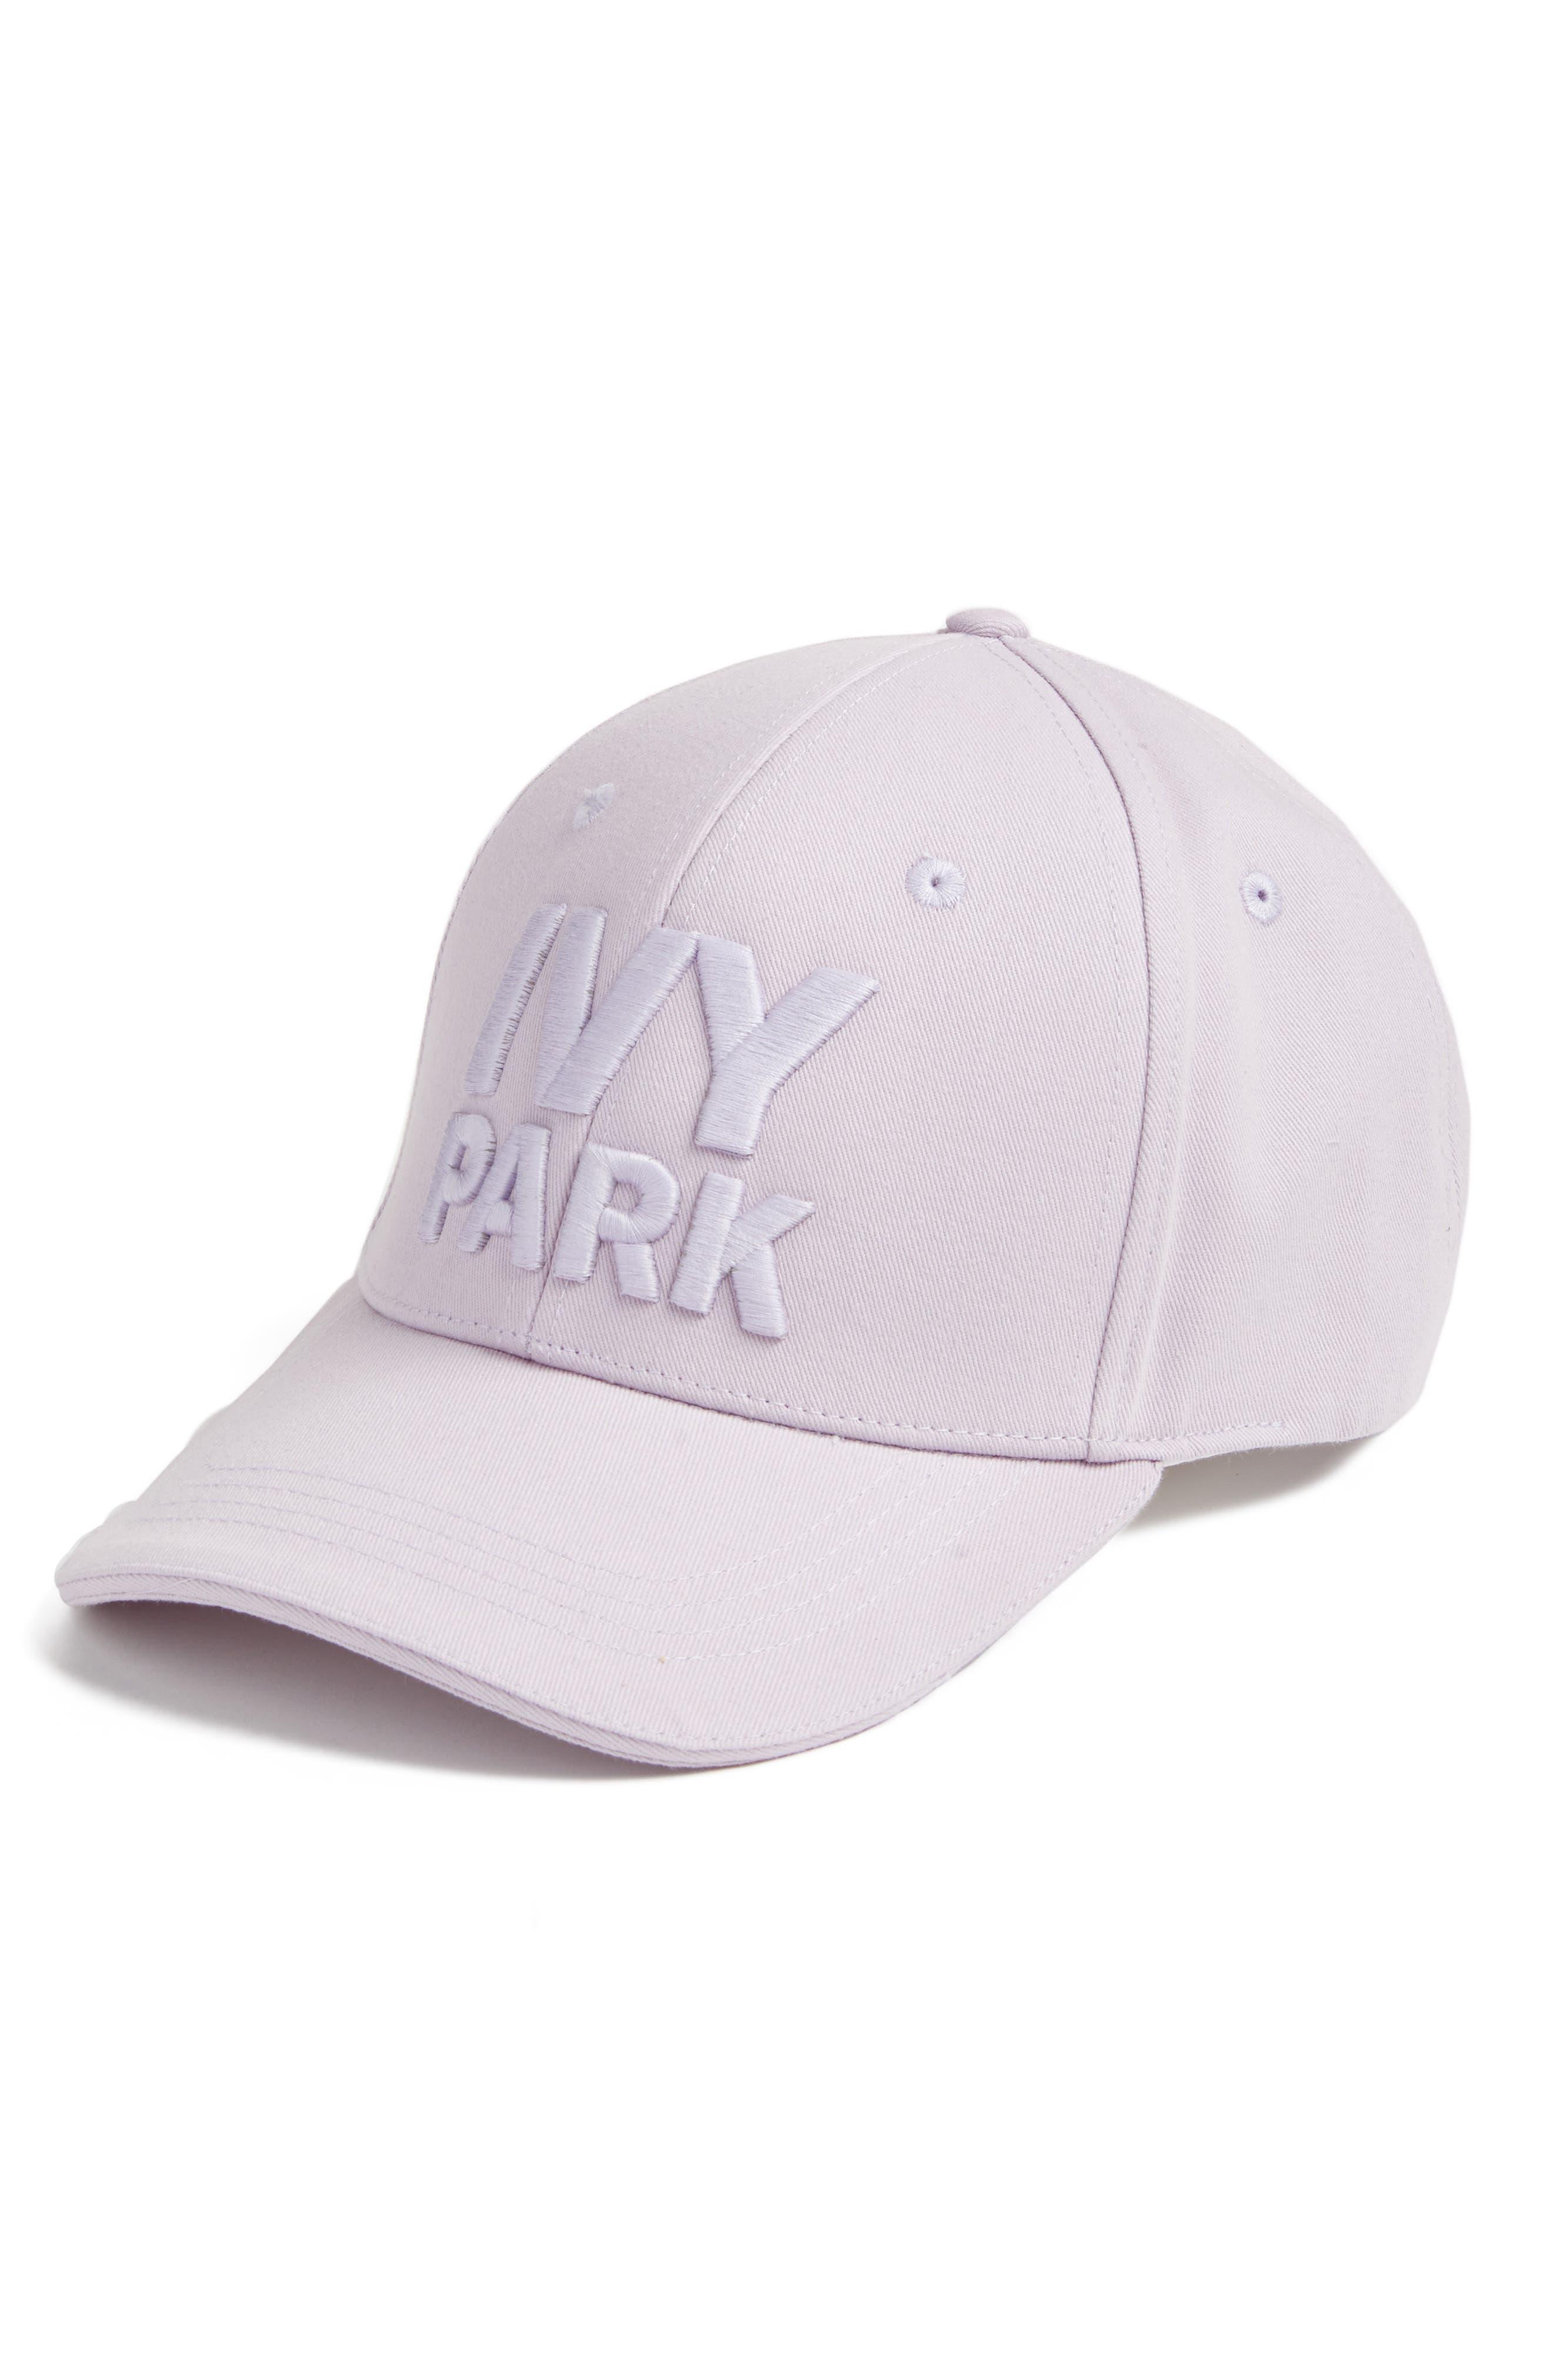 IVY PARK Tonal Logo Baseball Cap